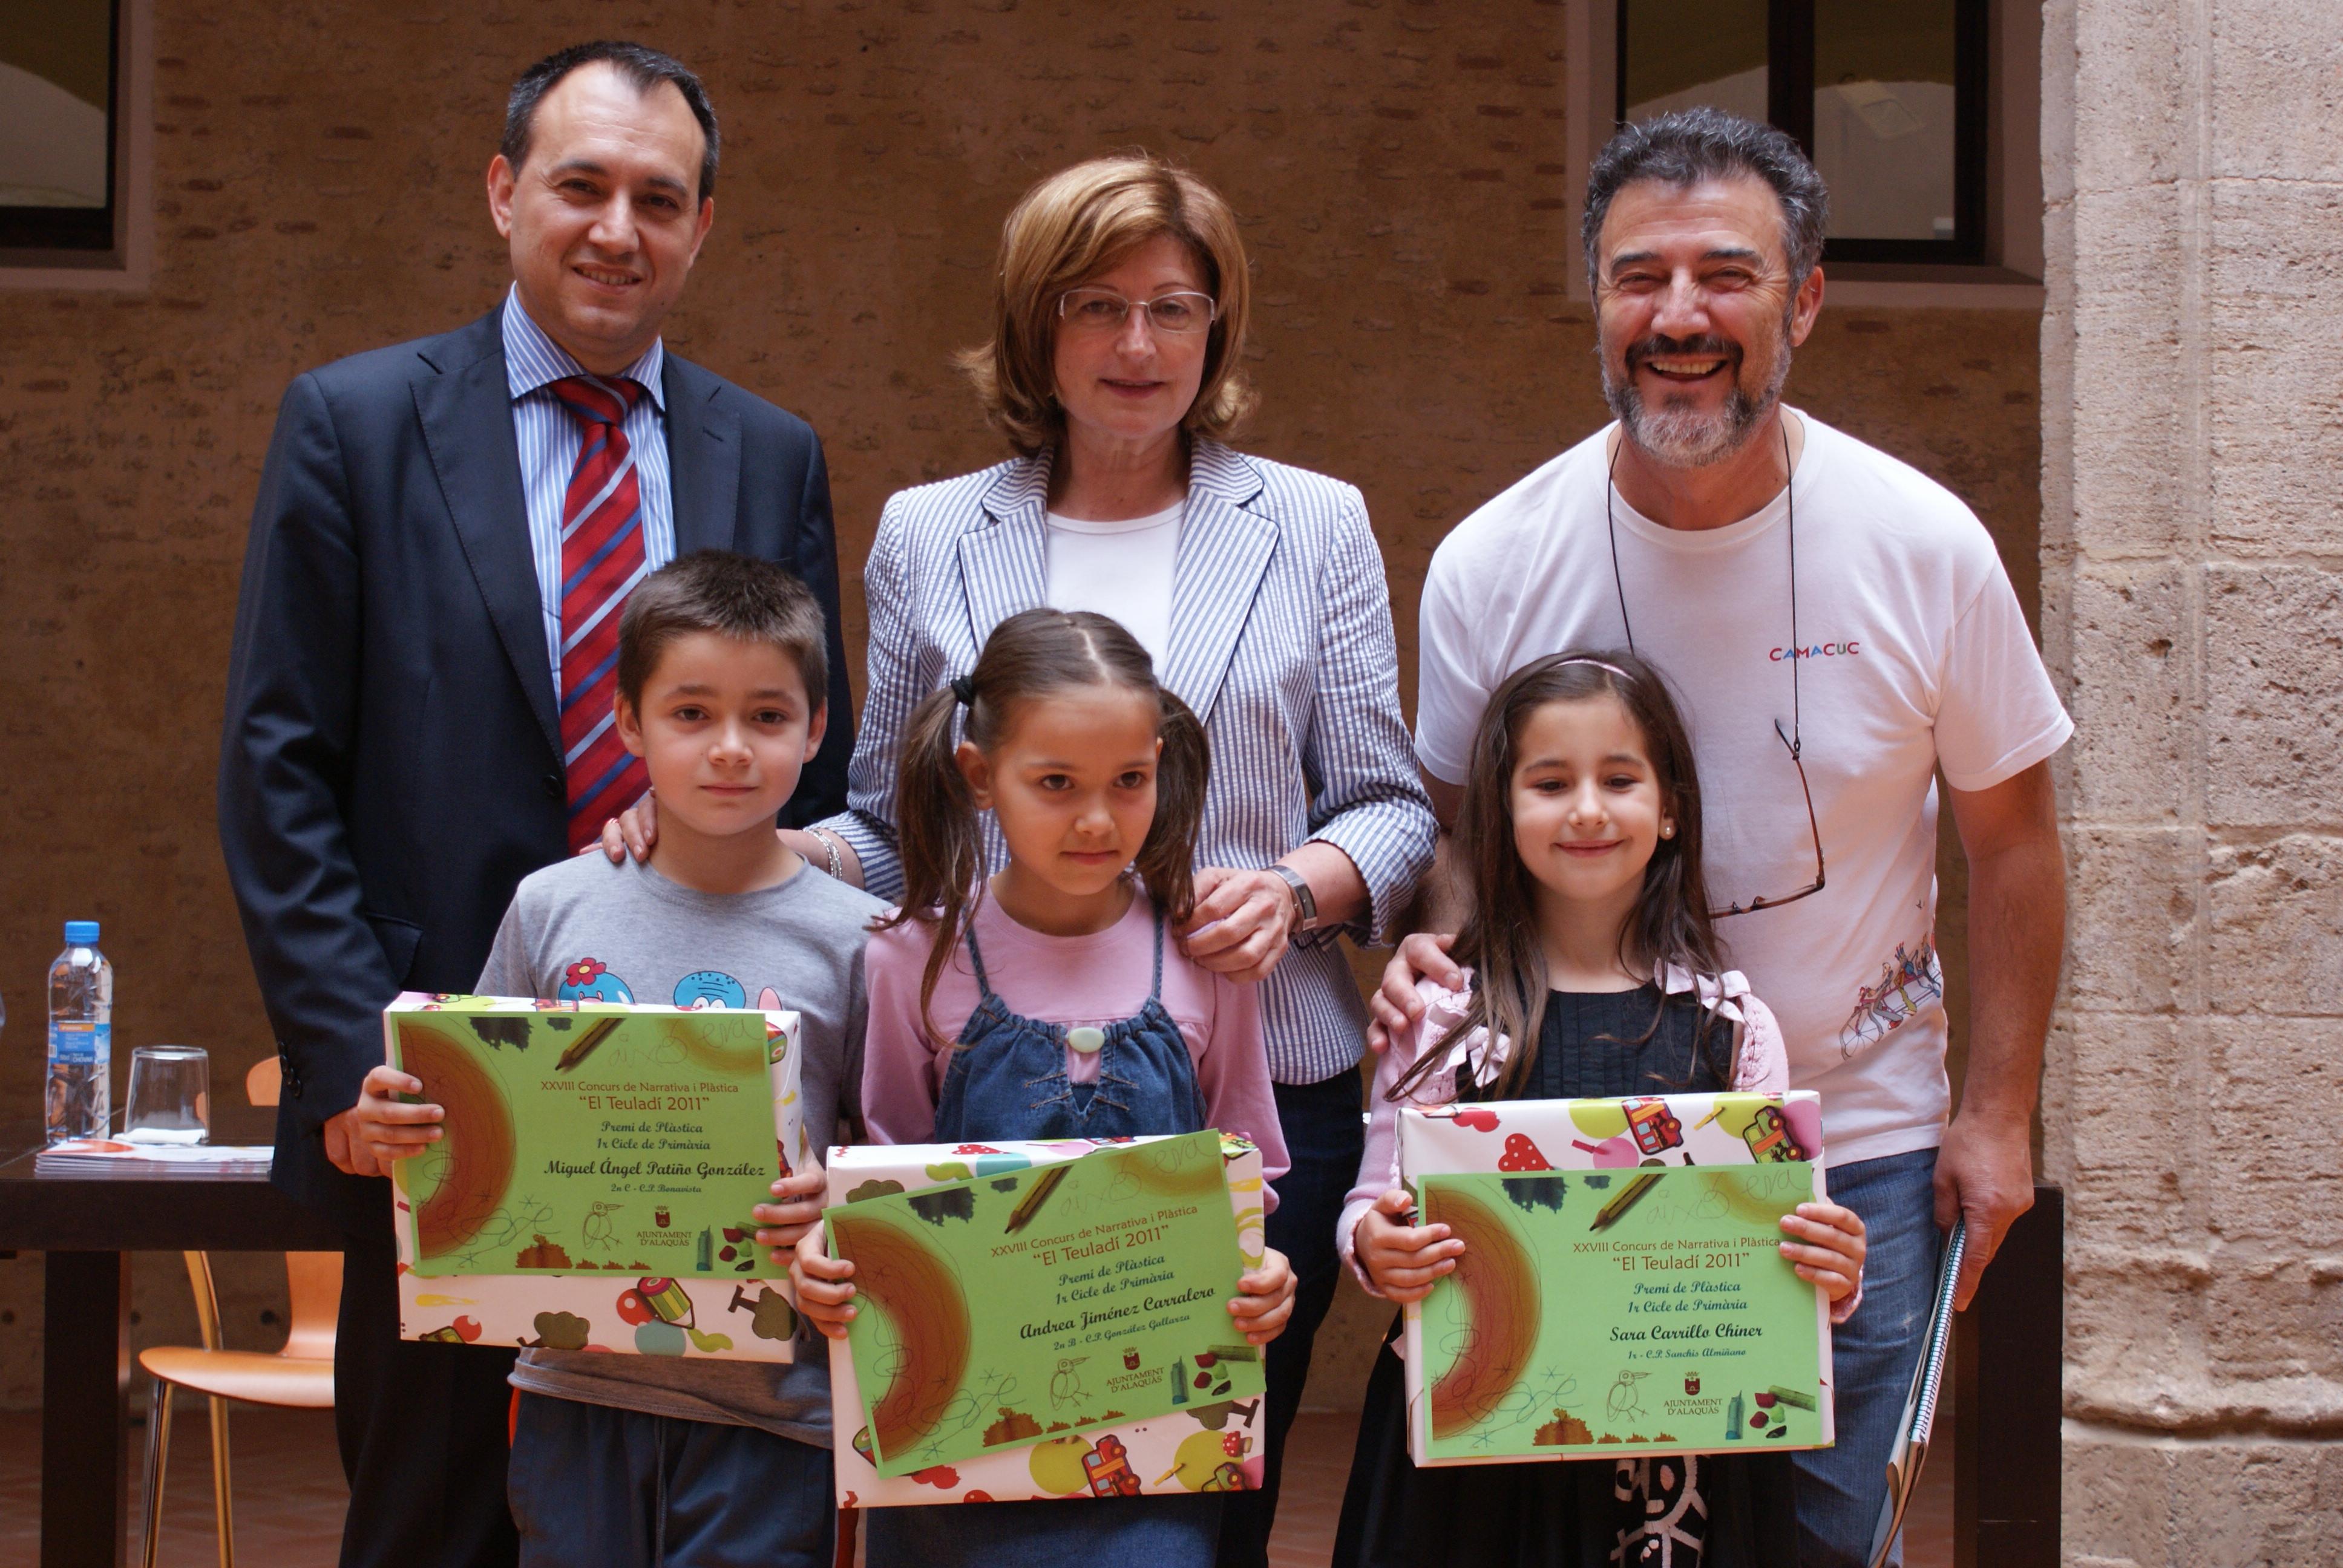 Ajuntament alaqu s prensa el teulad reconoce los mejores trabajos de pl stica y literatura - Trabajo en alaquas ...